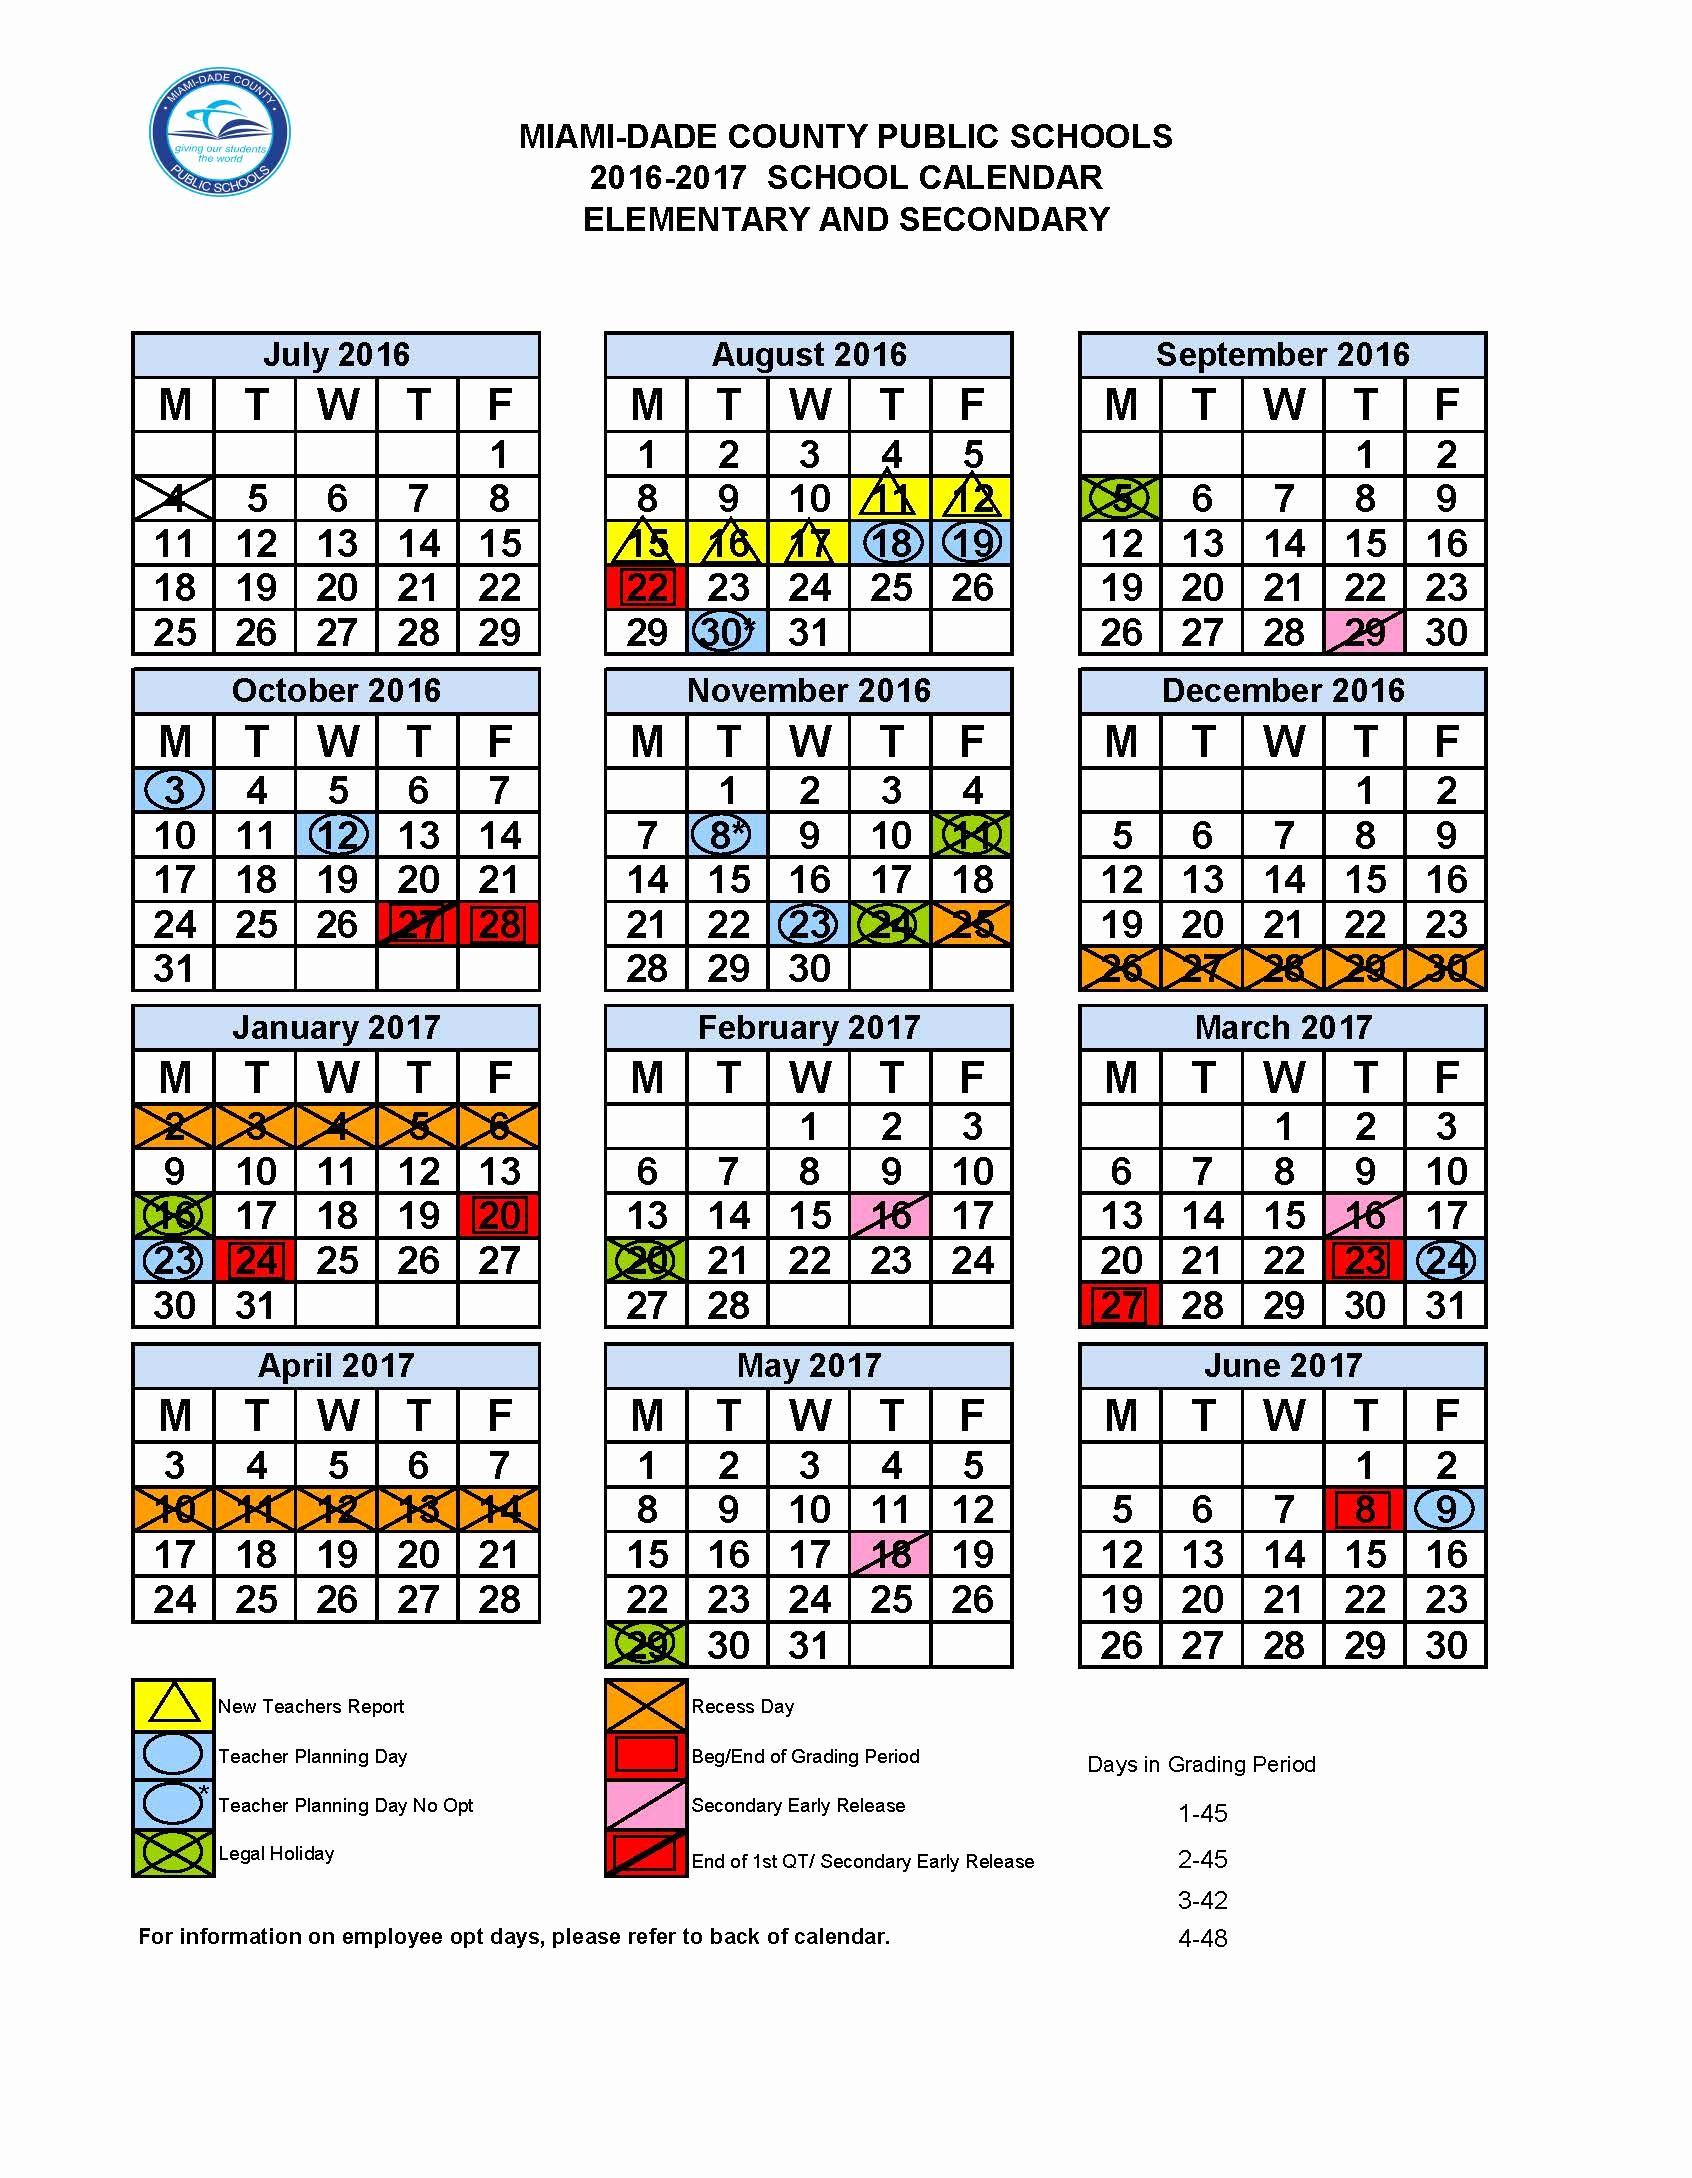 Blank Calendar 2016-17 Lovely Mdcps 2016 2017 Academic Calendar – Dr Dorothy Bendross